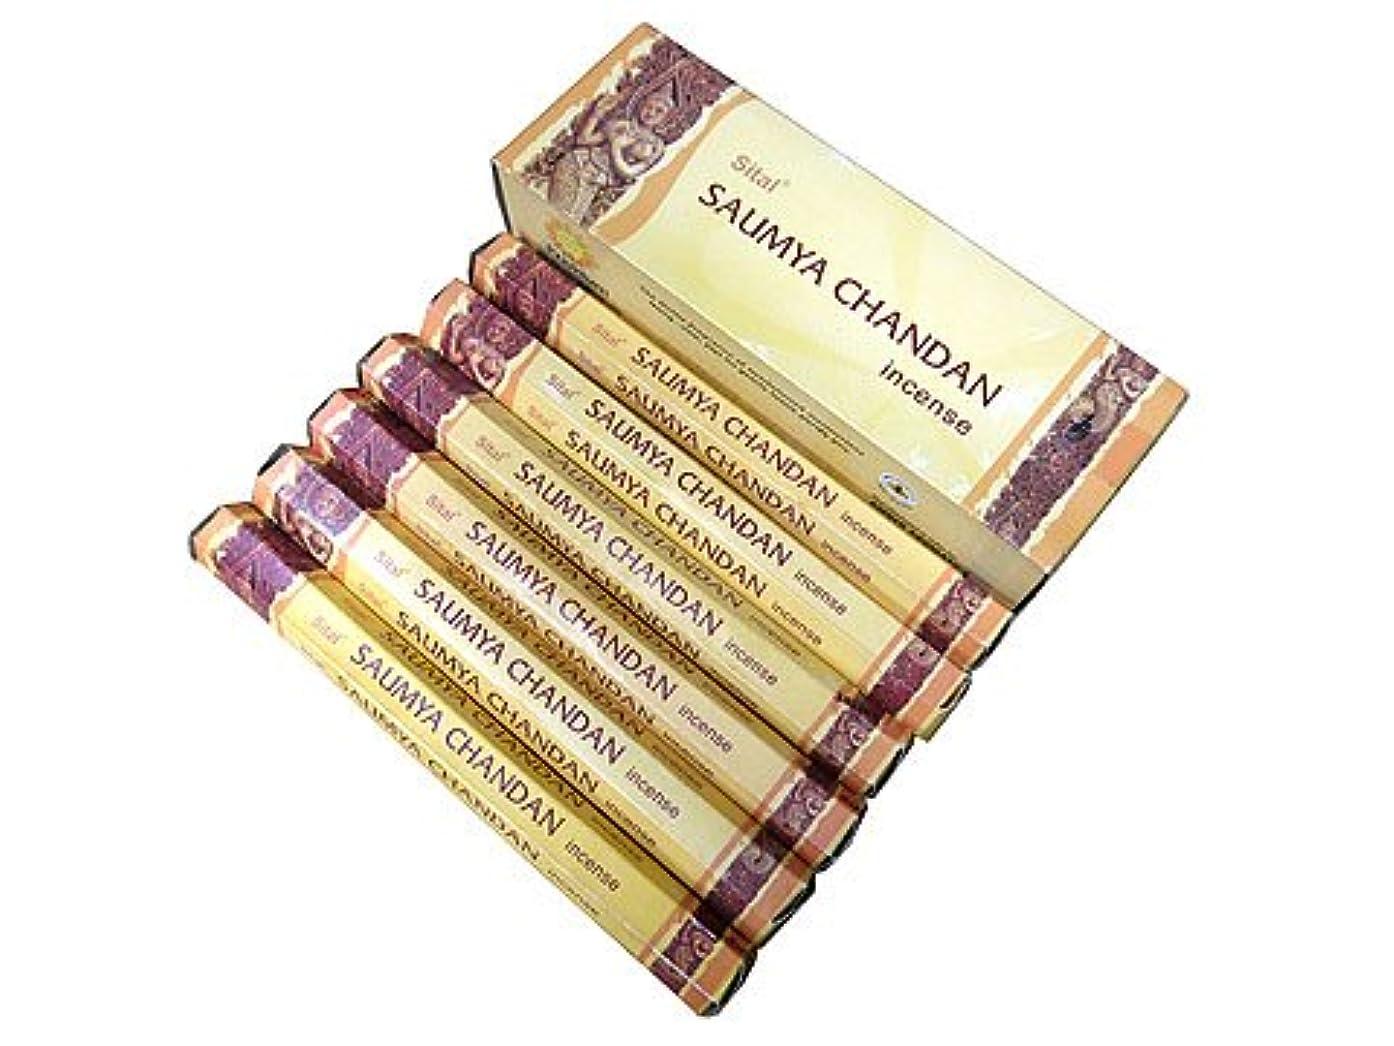 ヘビ借りているその後SITAL(シタル) シタル サウユマチャンダン香 スティック SAUMYA CHANDAN 6箱セット